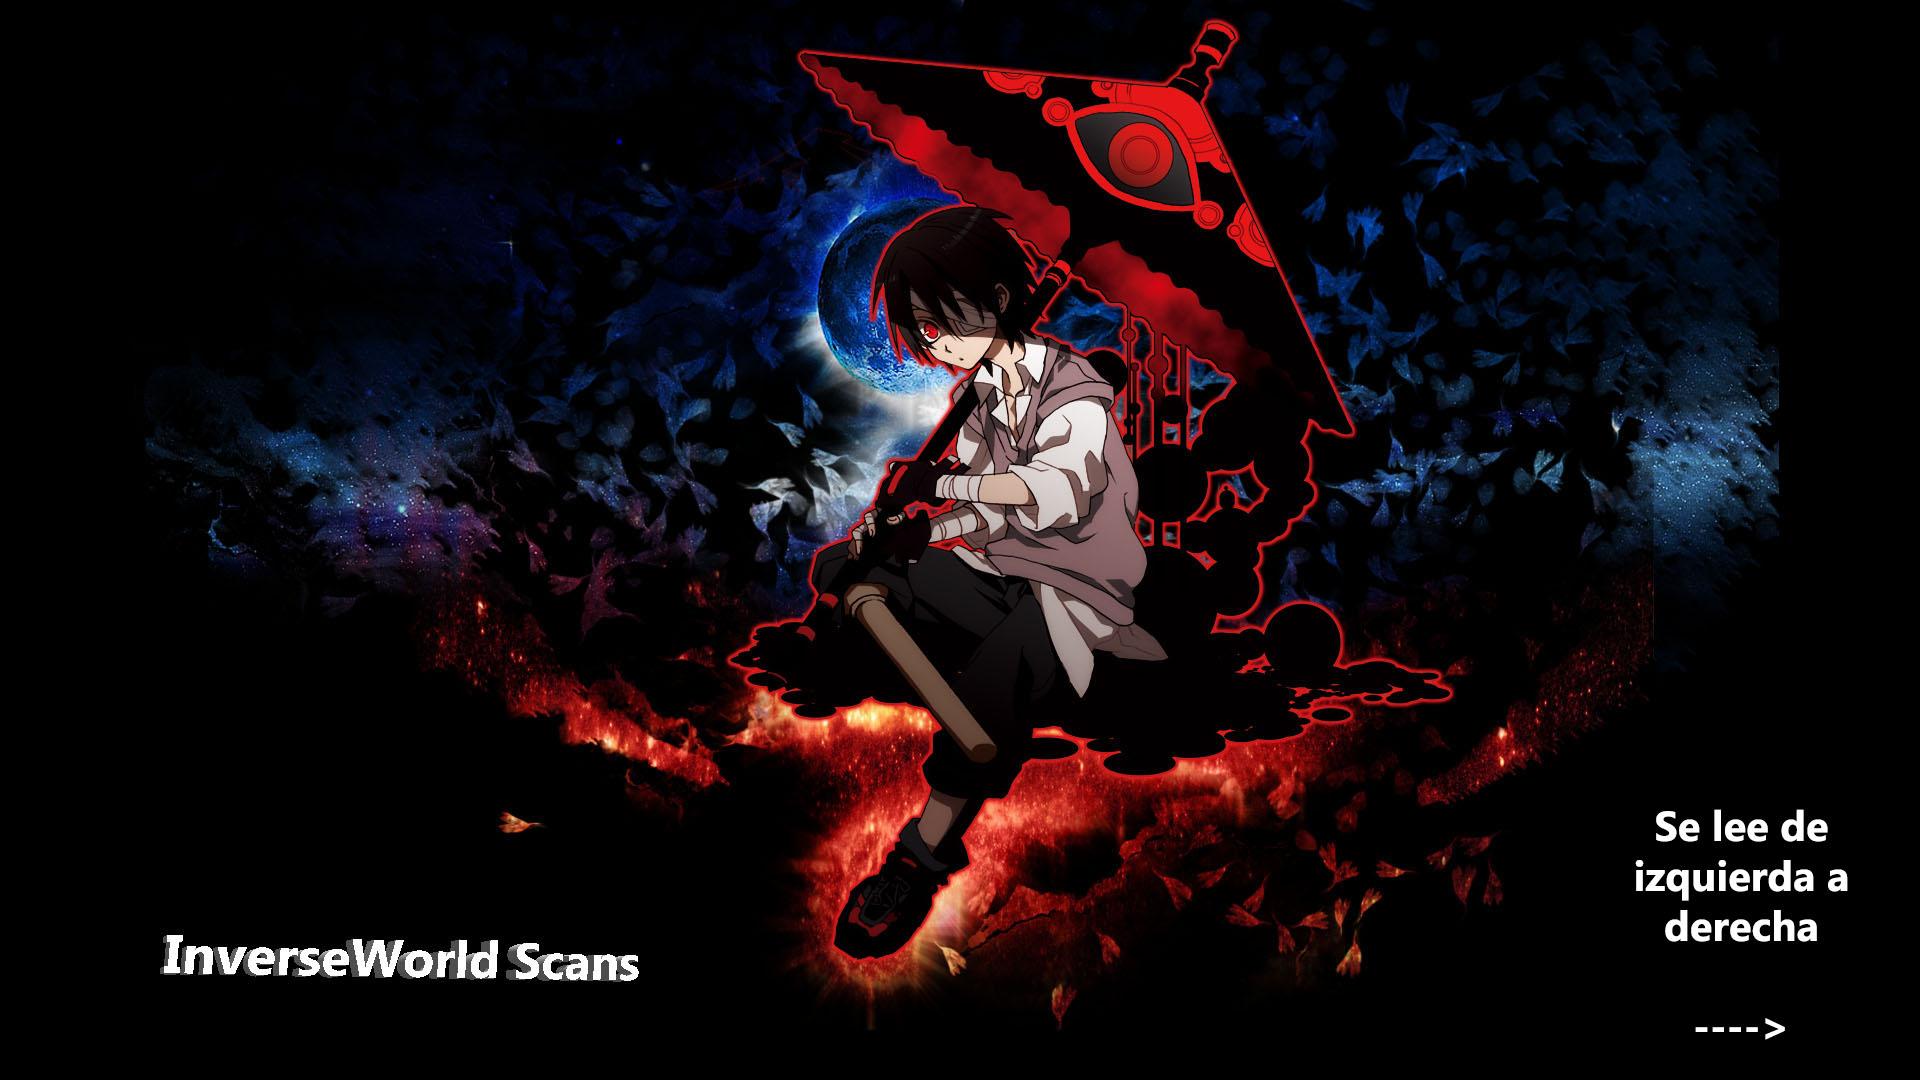 https://c5.mangatag.com/es_manga/18/16210/415323/7c995df1ffa78d4ccac4e2e8b2fa3f88.jpg Page 2